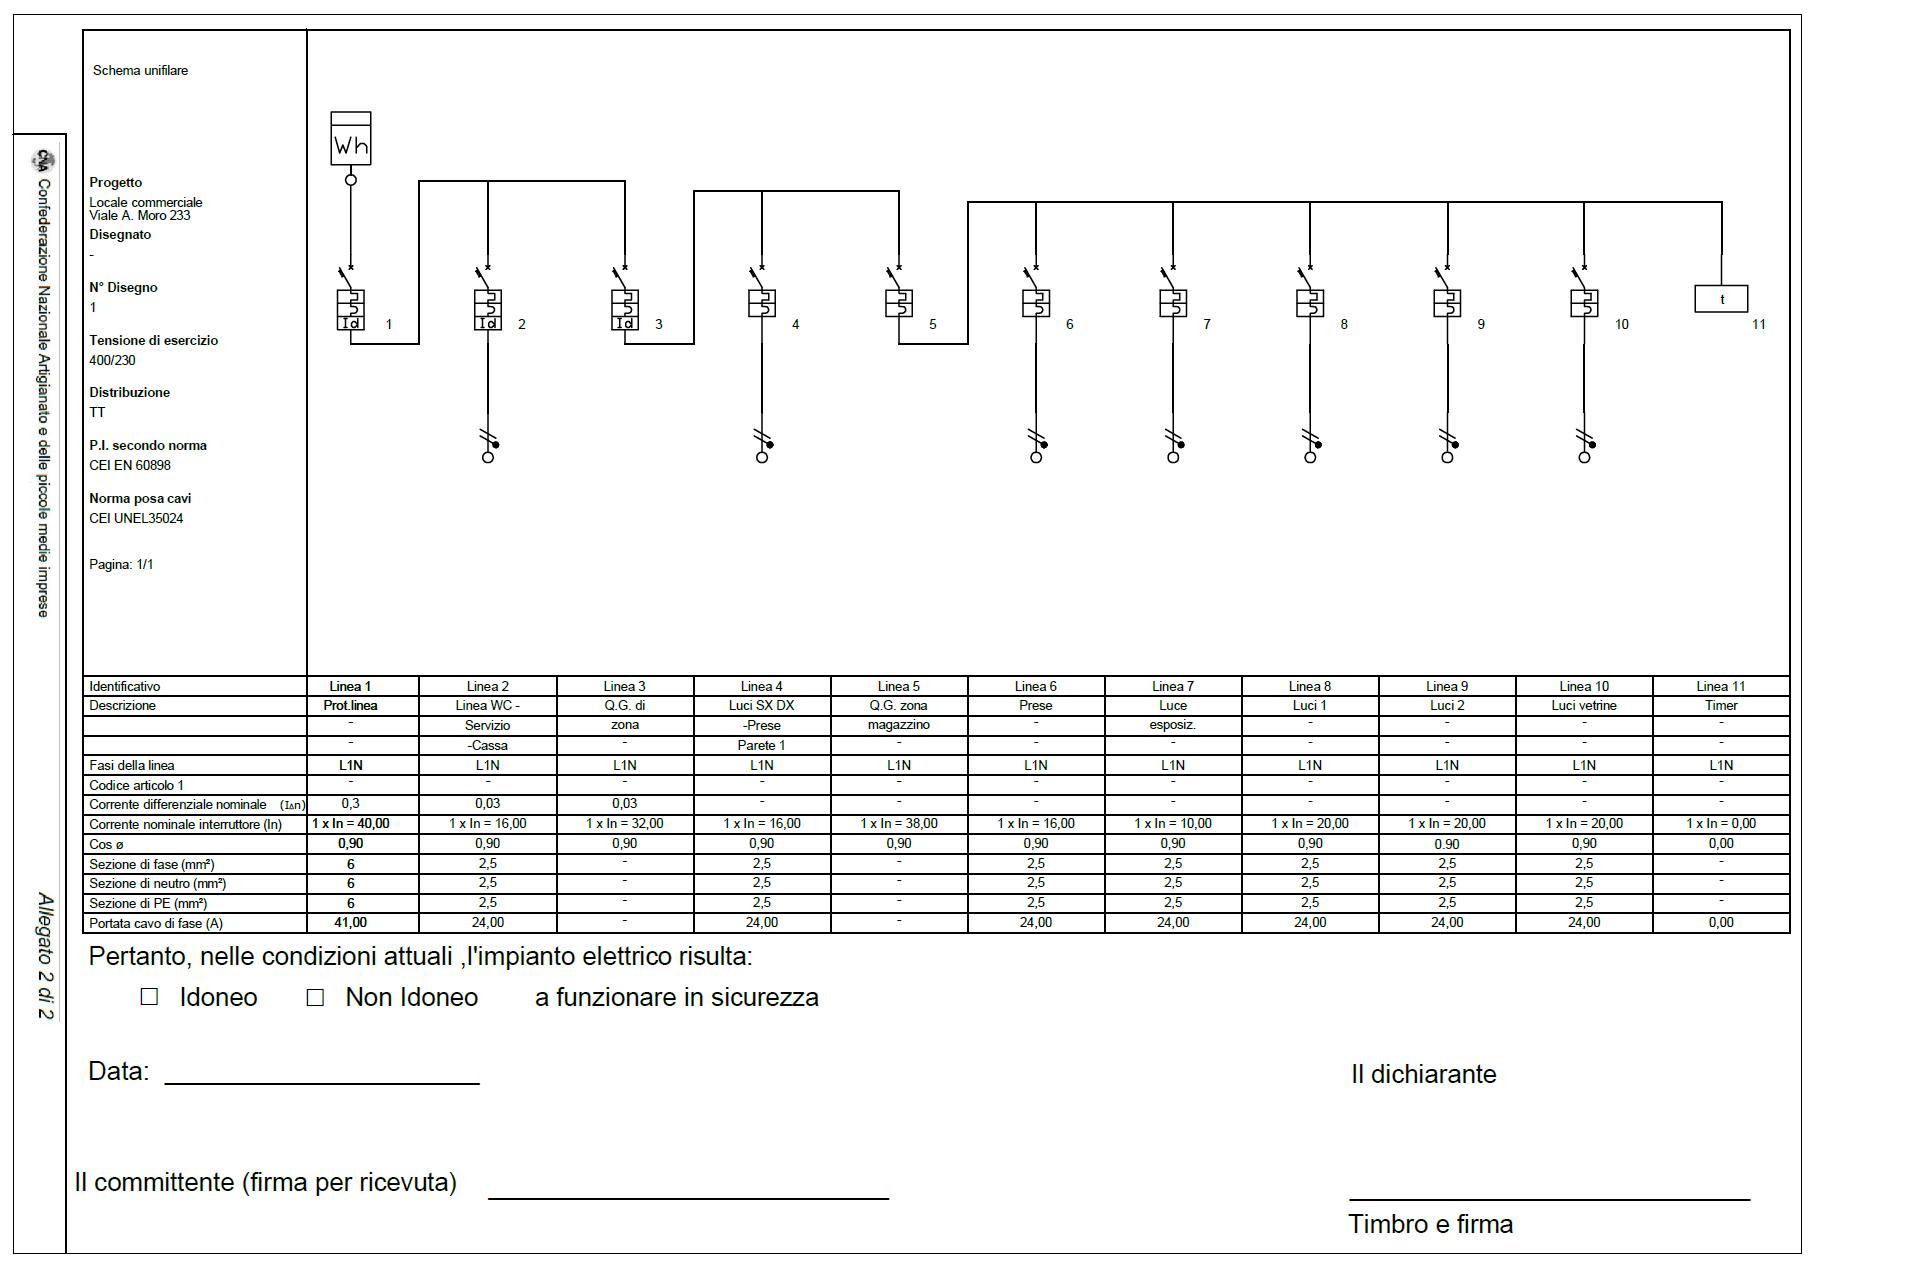 Schemi Elettrici Unifilari Esempi : Progettazione impianti elettrici archdesignonline